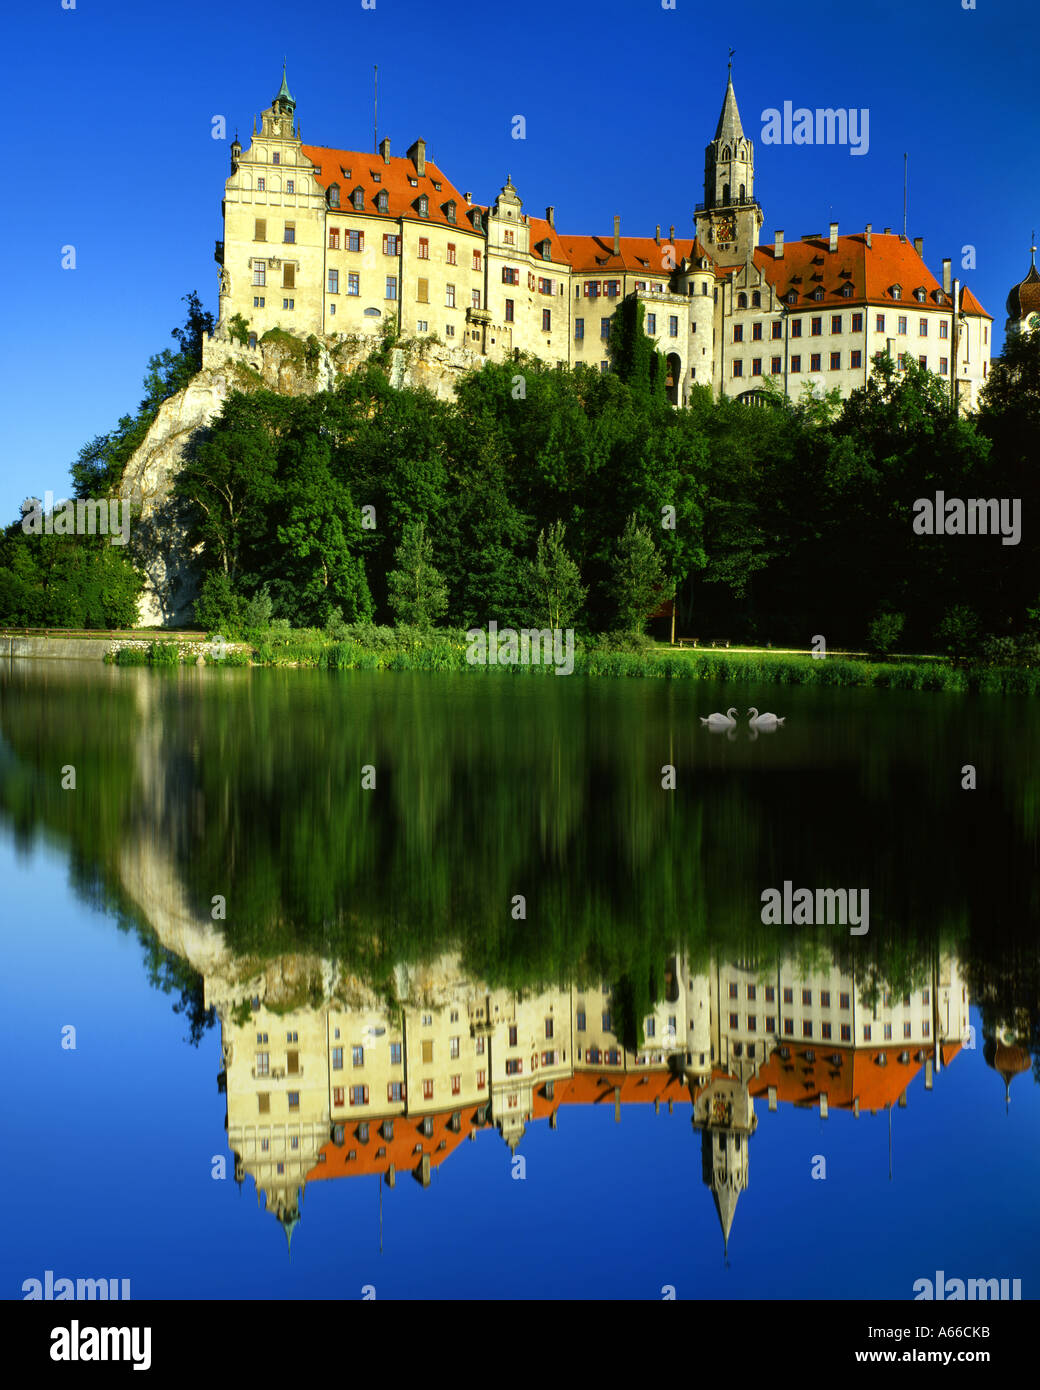 DE - Baden Wuerttemberg: Castillo de Hohenzollern Sigmaringen y el río Danubio Imagen De Stock